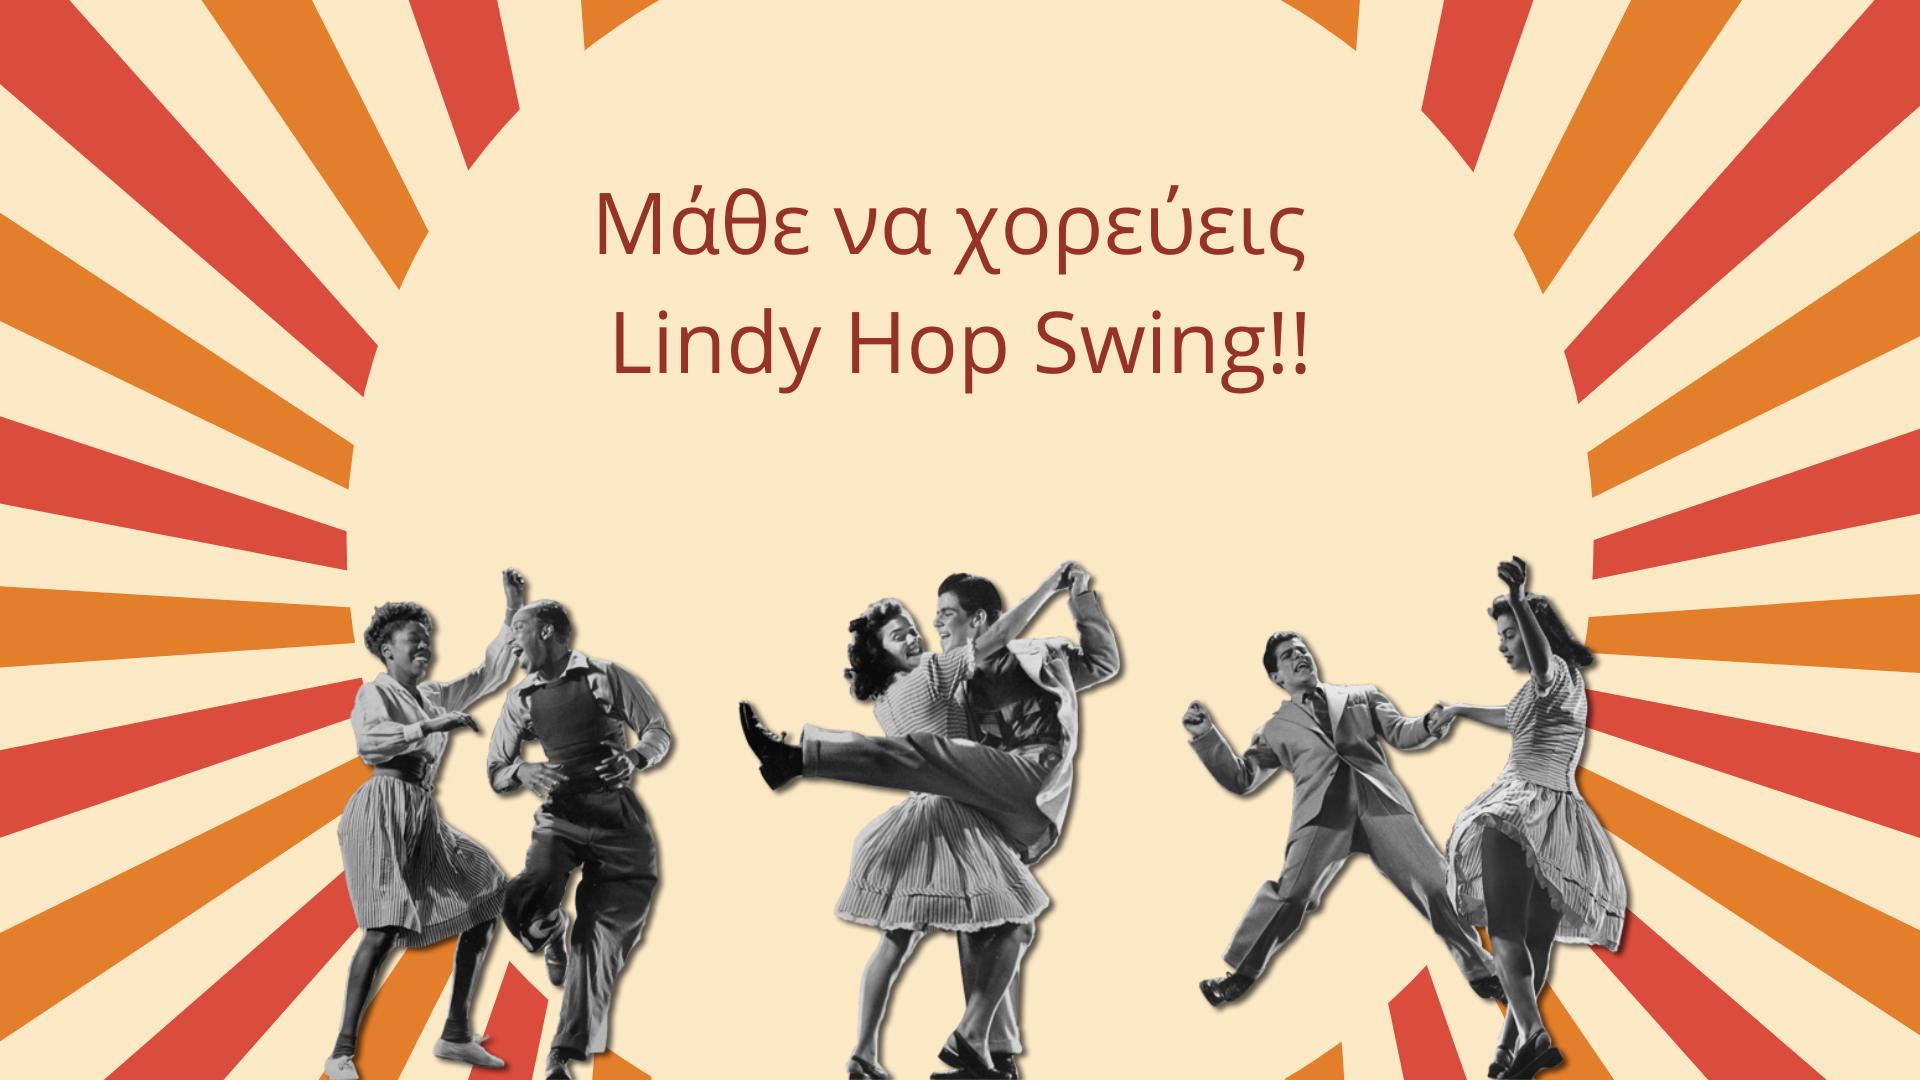 Μαθήματα γνωριμίας Lindy hop/ Swing και νέα τμήματα αρχαρίων @ Hobnob